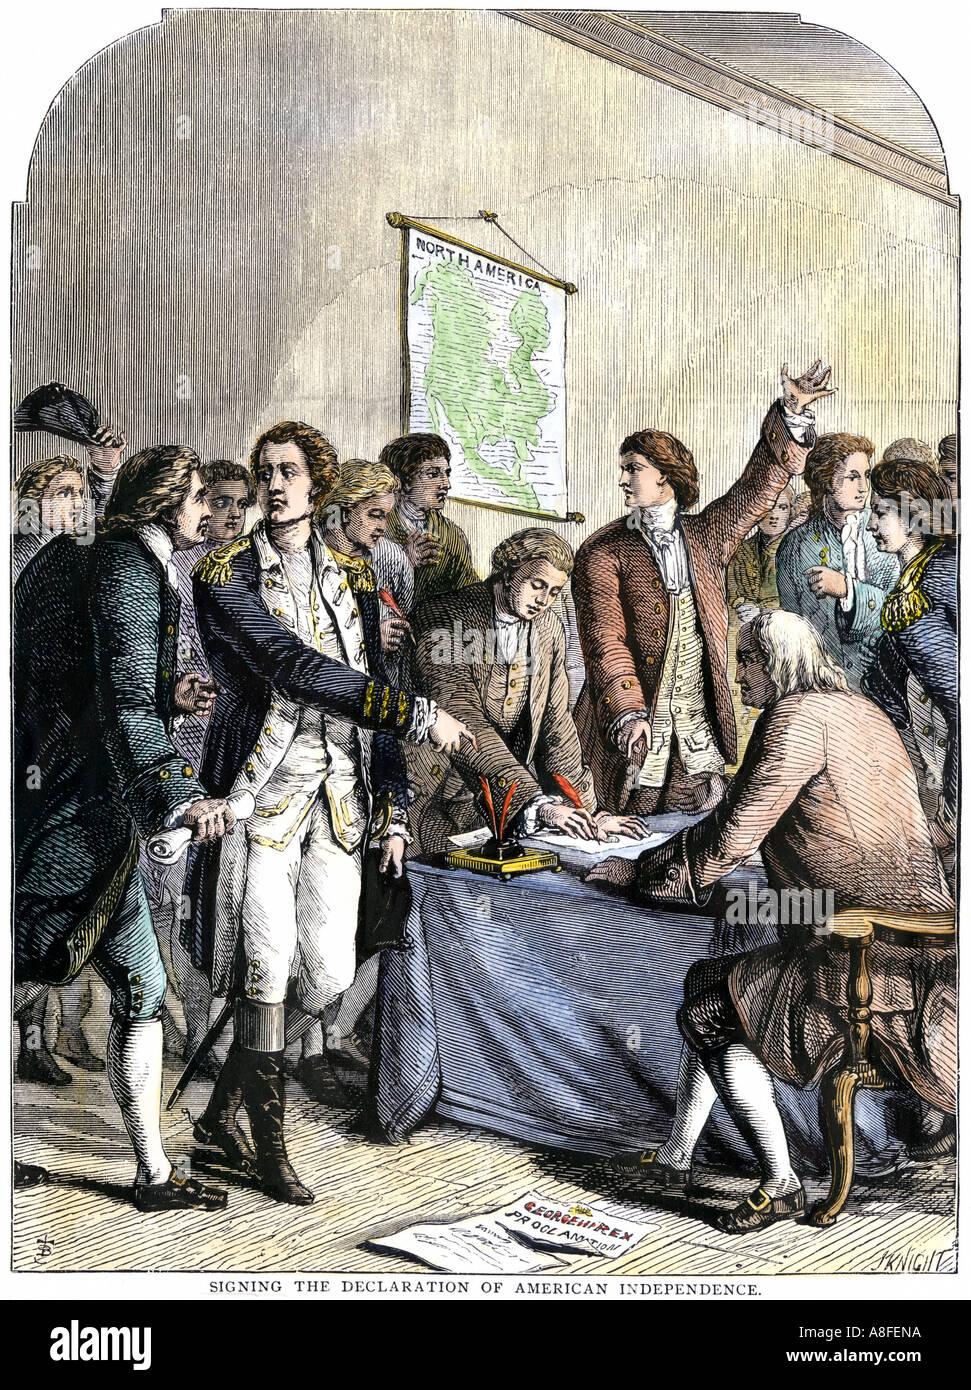 I delegati la firma della dichiarazione di indipendenza americana il 4 luglio 1776. Colorate a mano la xilografia Immagini Stock